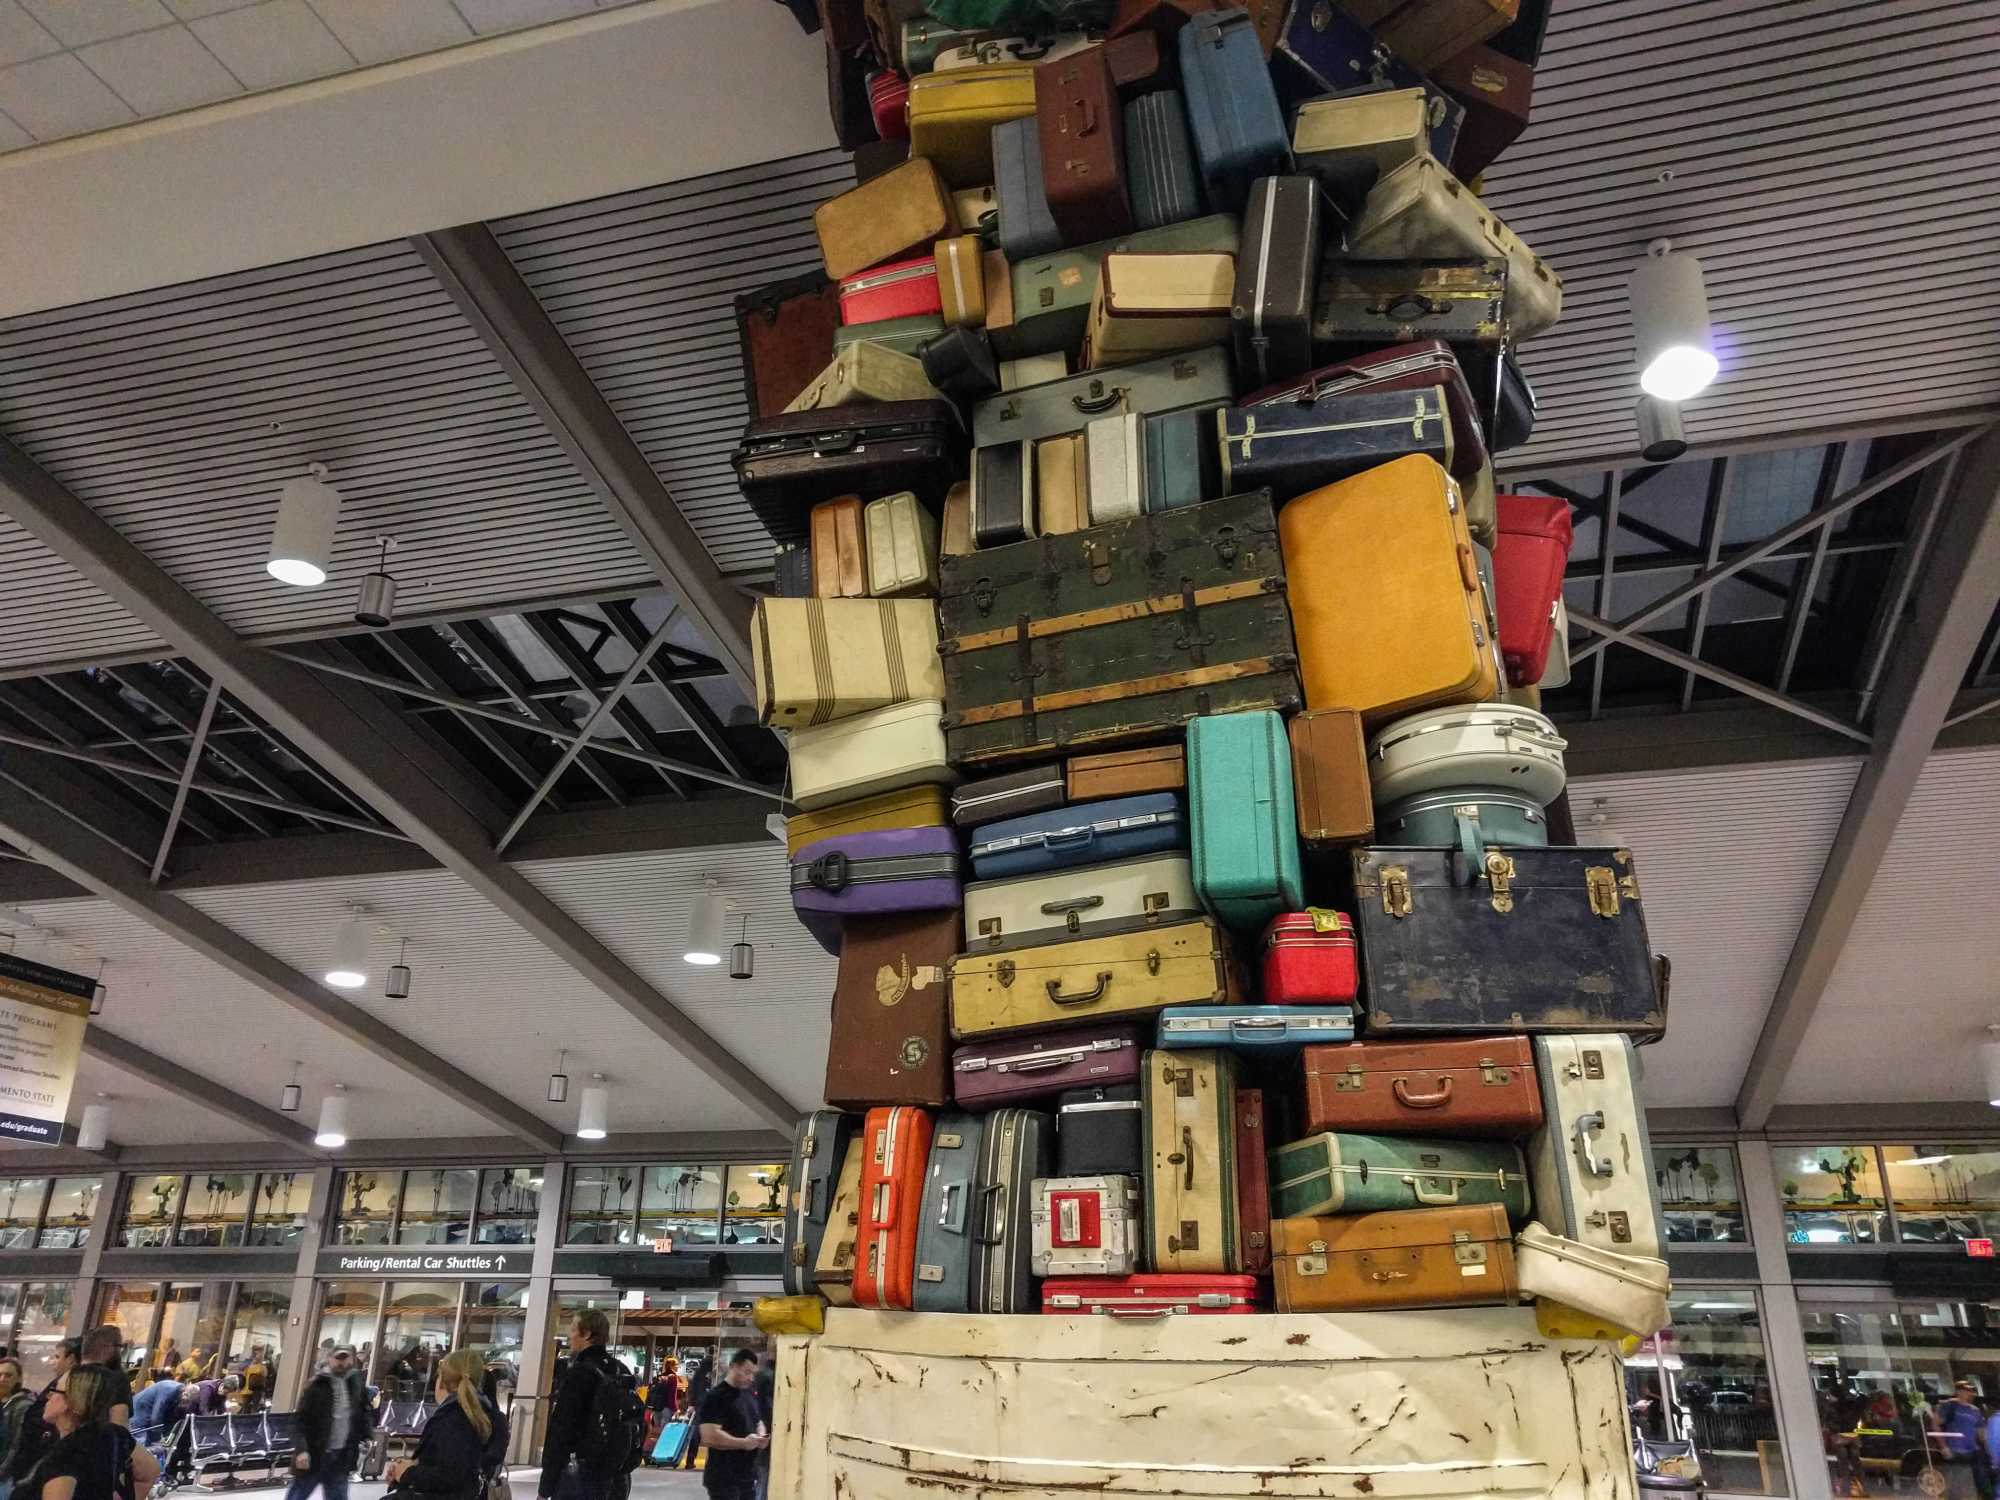 Bis zur Decke aufgetürmte Koffer in einer Flughafenhalle